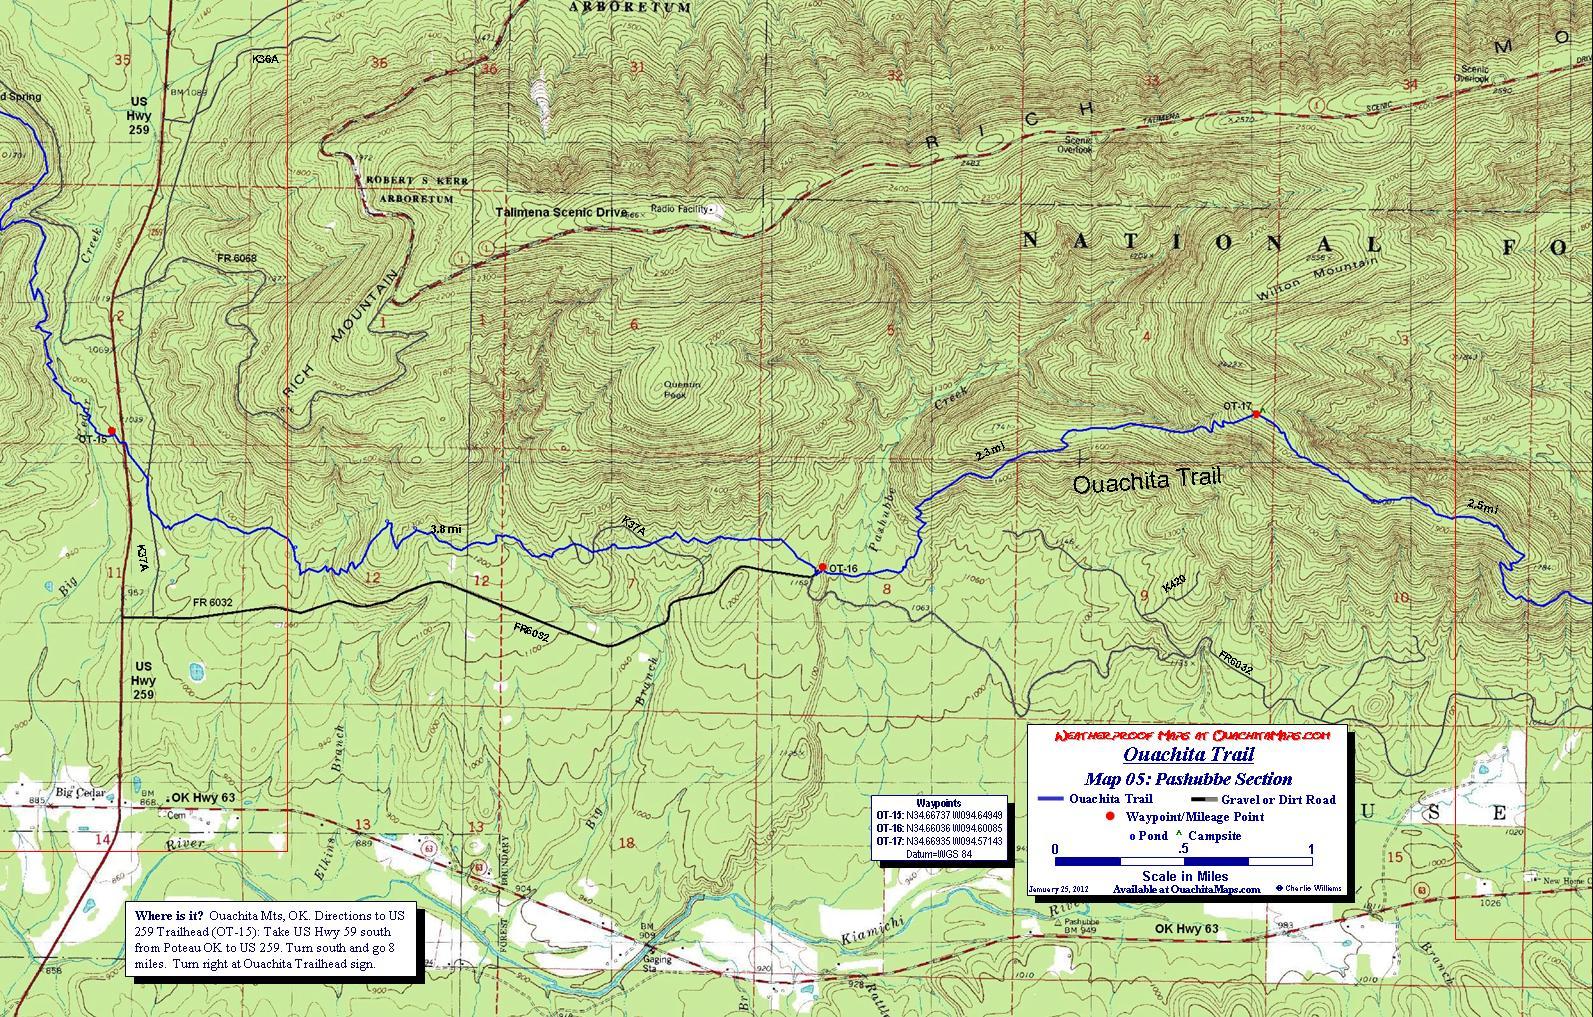 Ouachita Trail Maps Ouachita Mountains OKAR Free Detailed Topos - Map ot the us